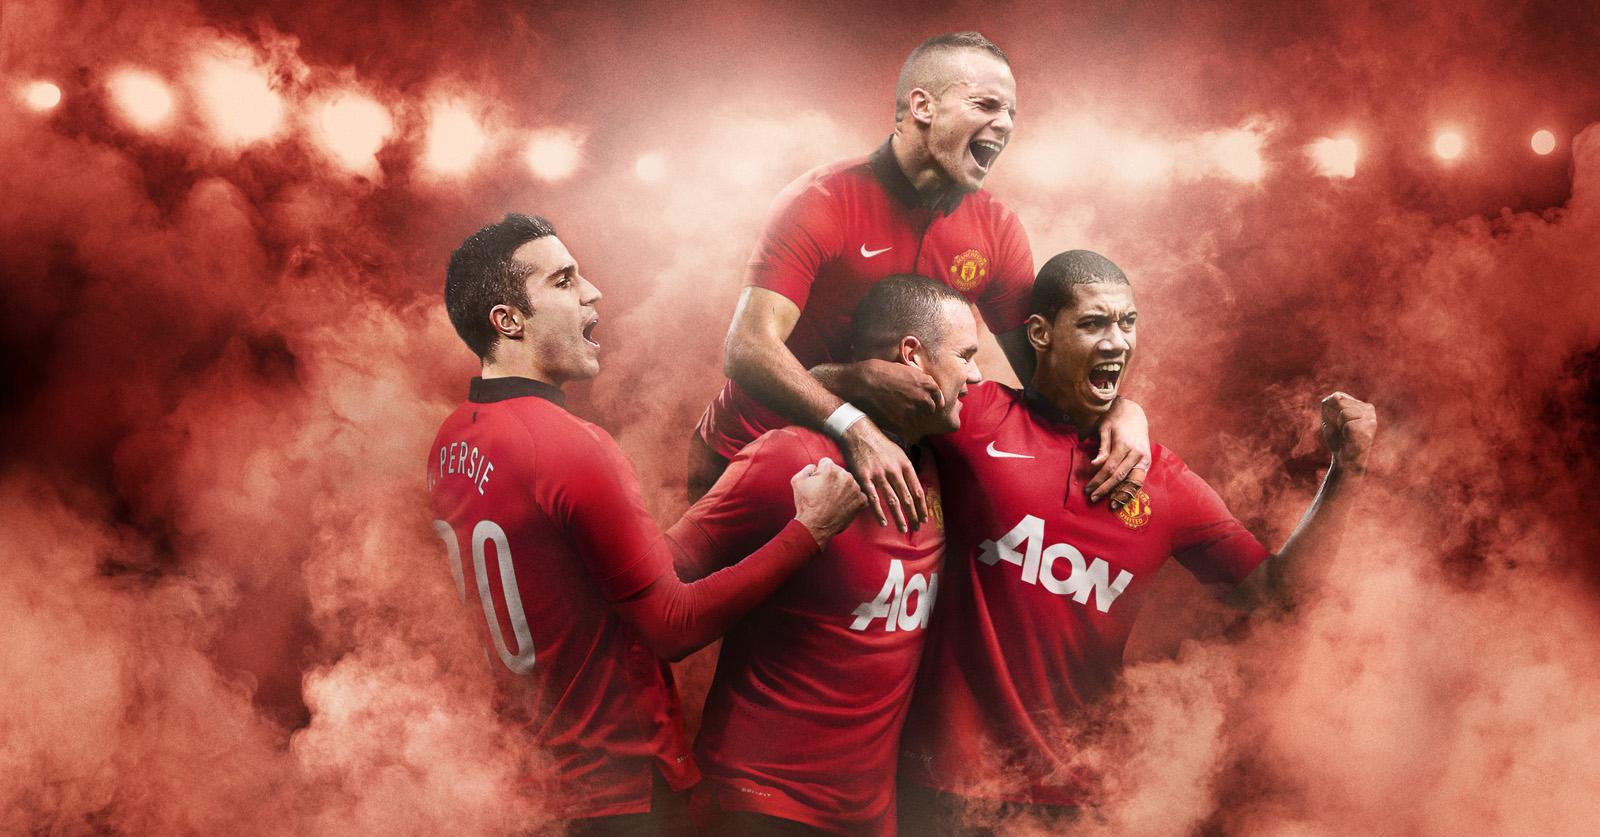 Manchester United 13-14 (2013-14) Home Kit + Goalkeeper